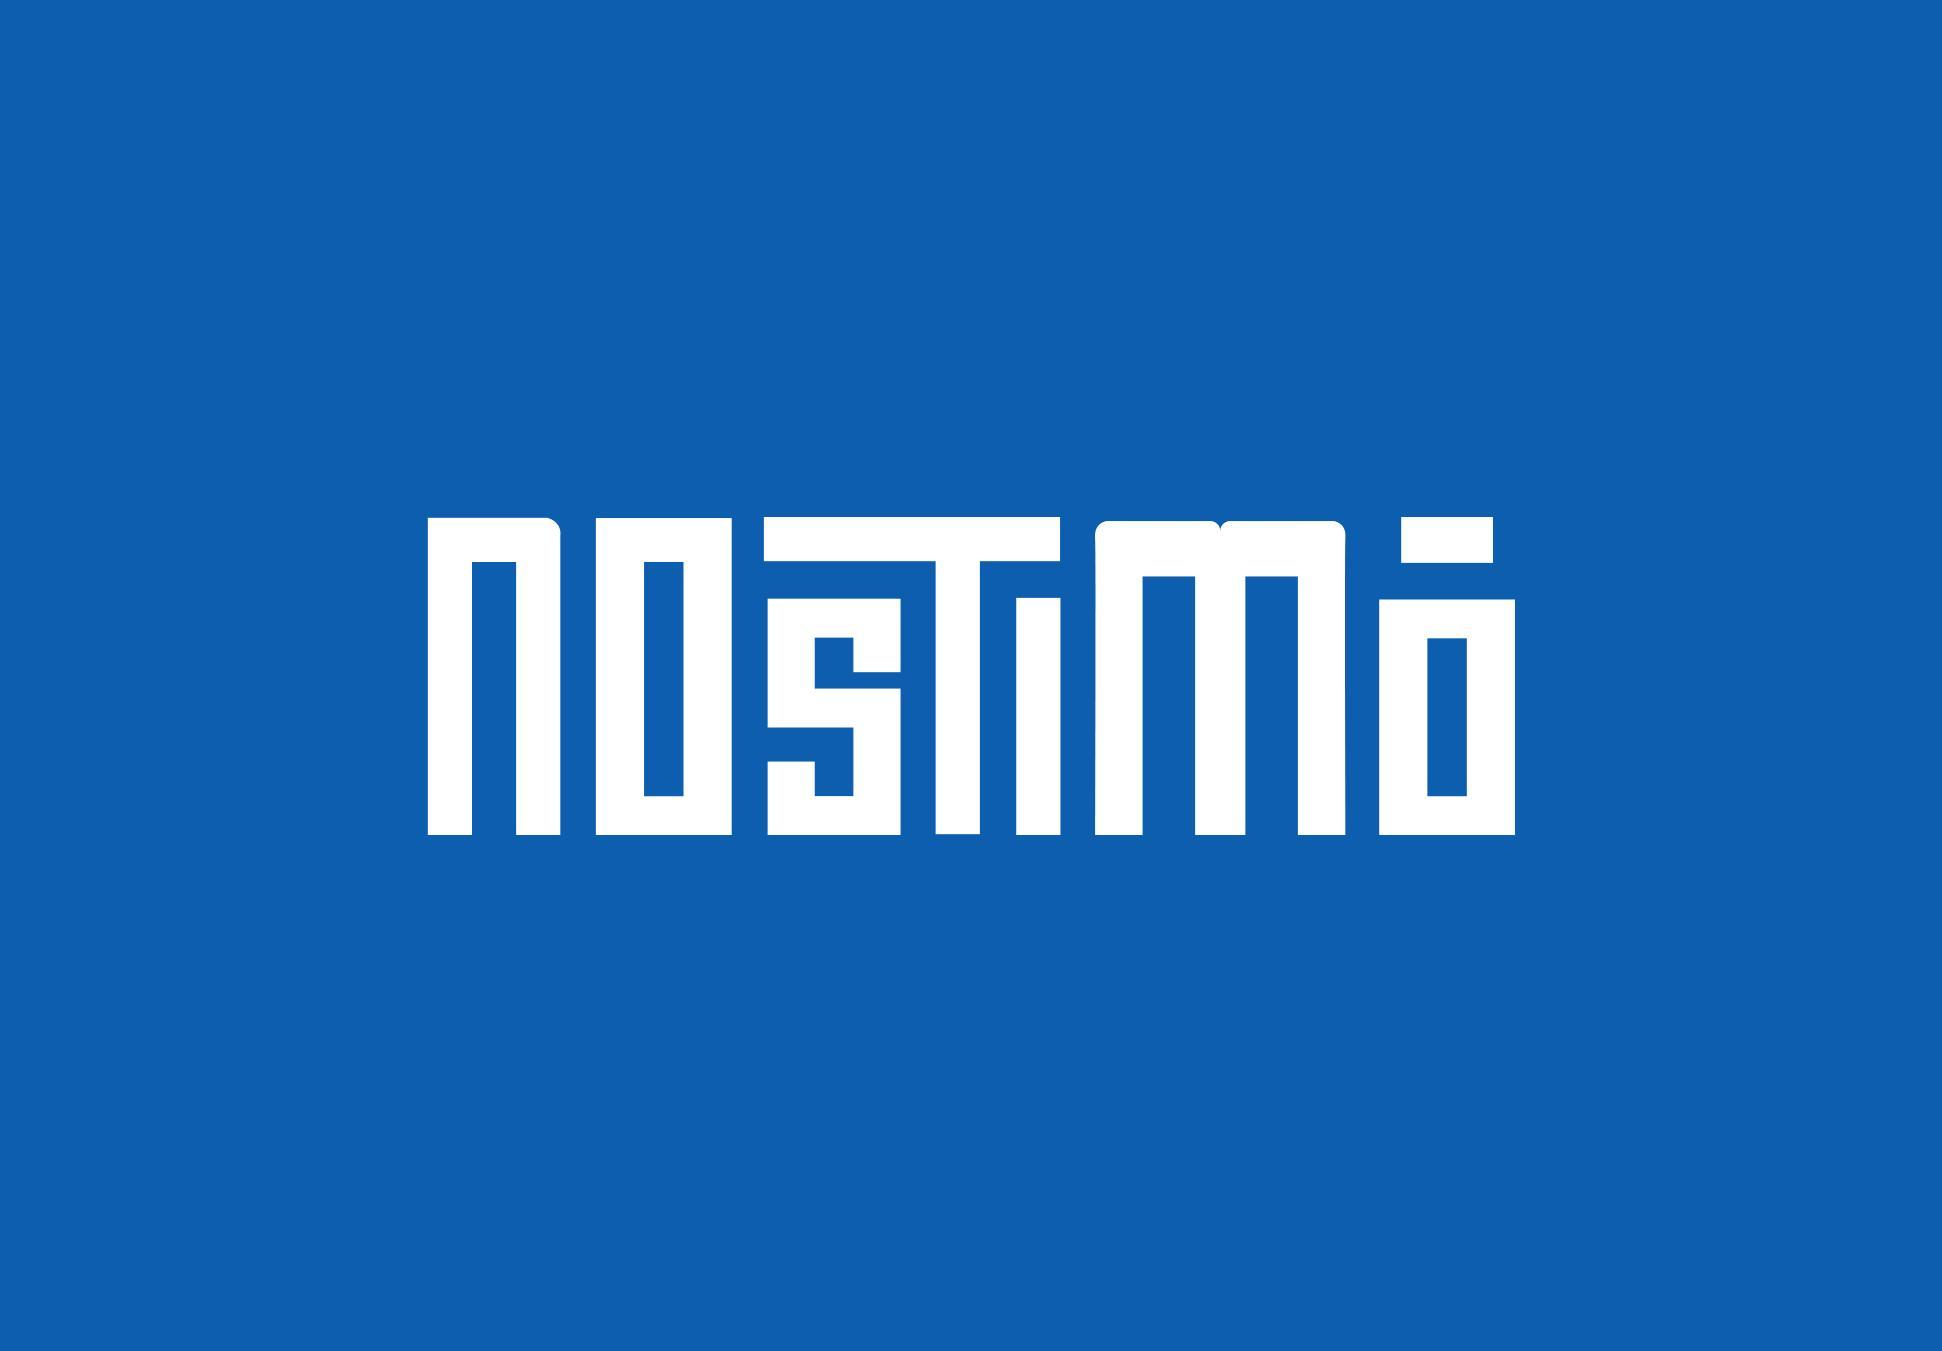 NOSTIMO